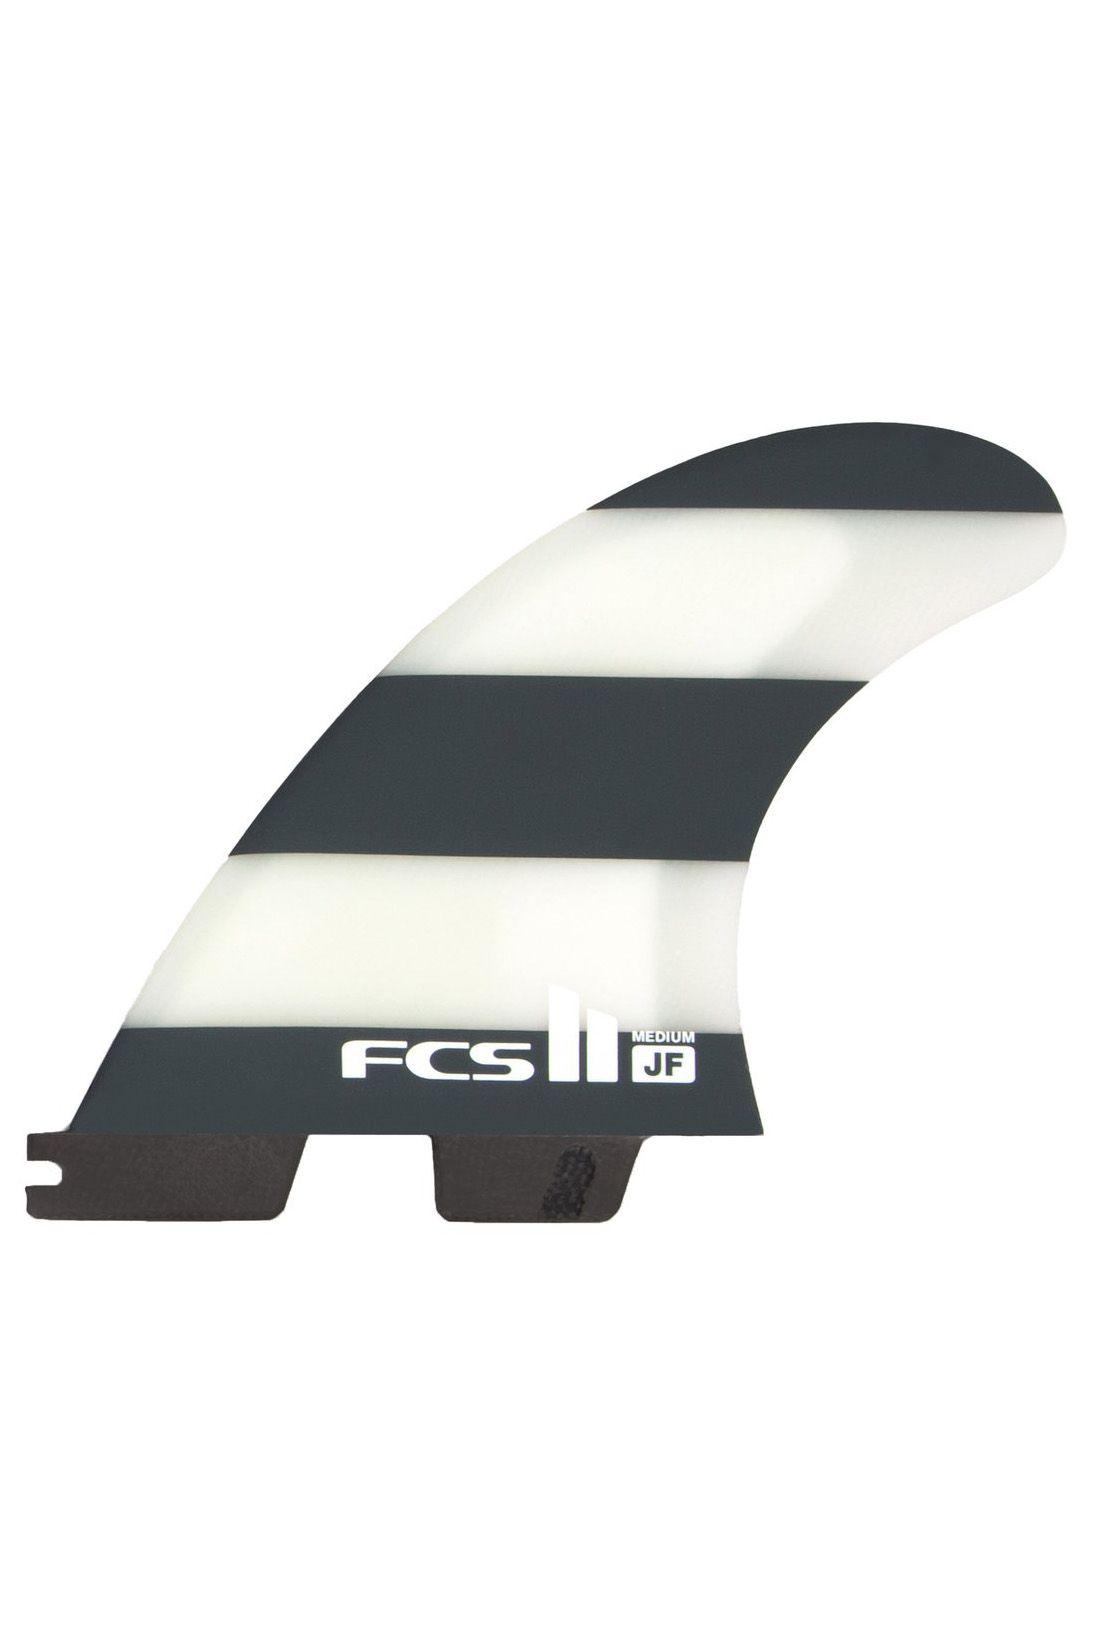 Fcs Fins II JF PC LARGE BLACK/WHITE TRI Tri FCS II L